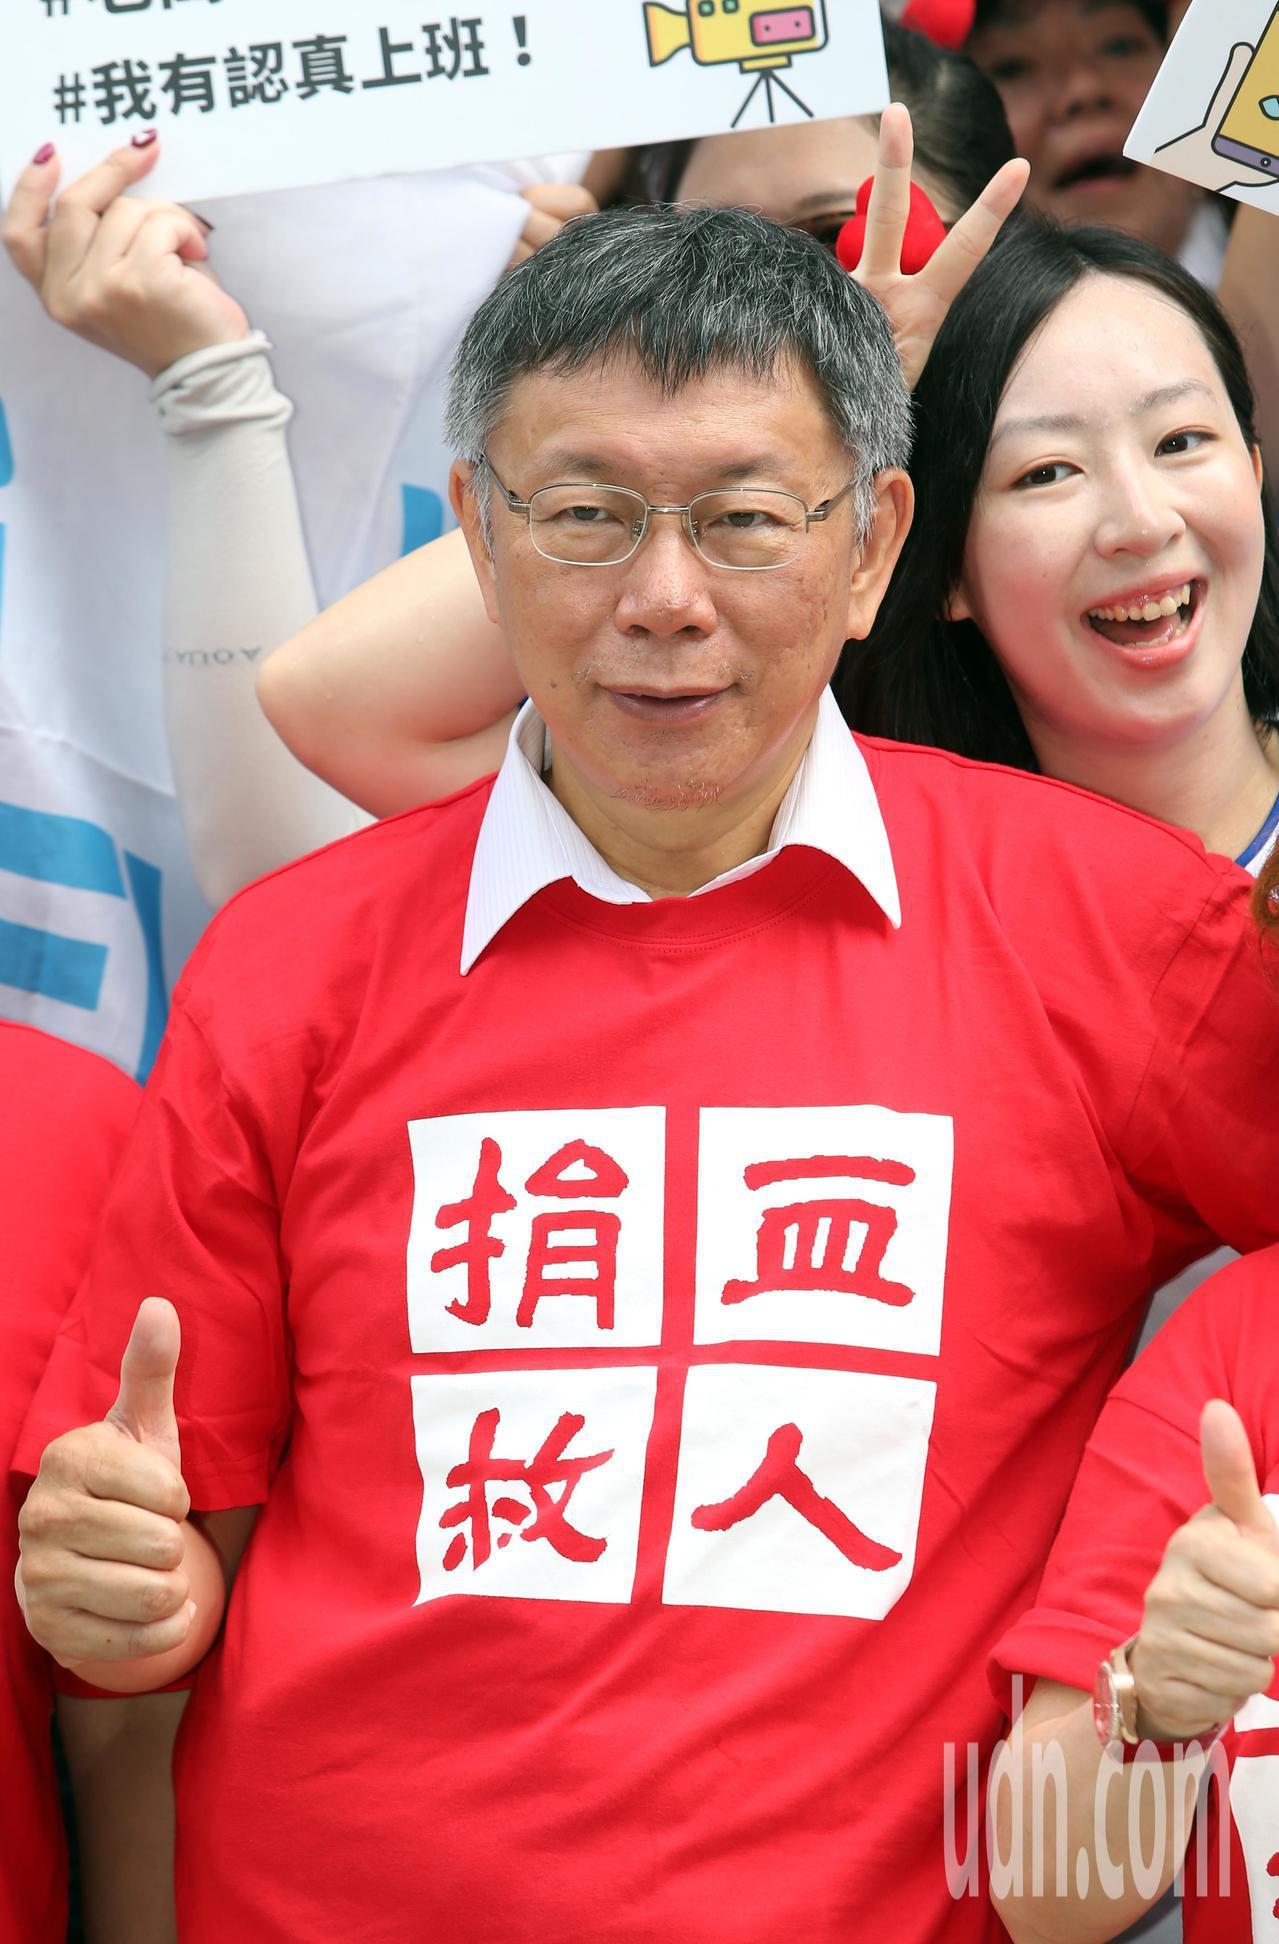 台北市長柯文哲上午出席第一屆內科千人捐血活動擊鼓啟動。記者曾吉松/攝影